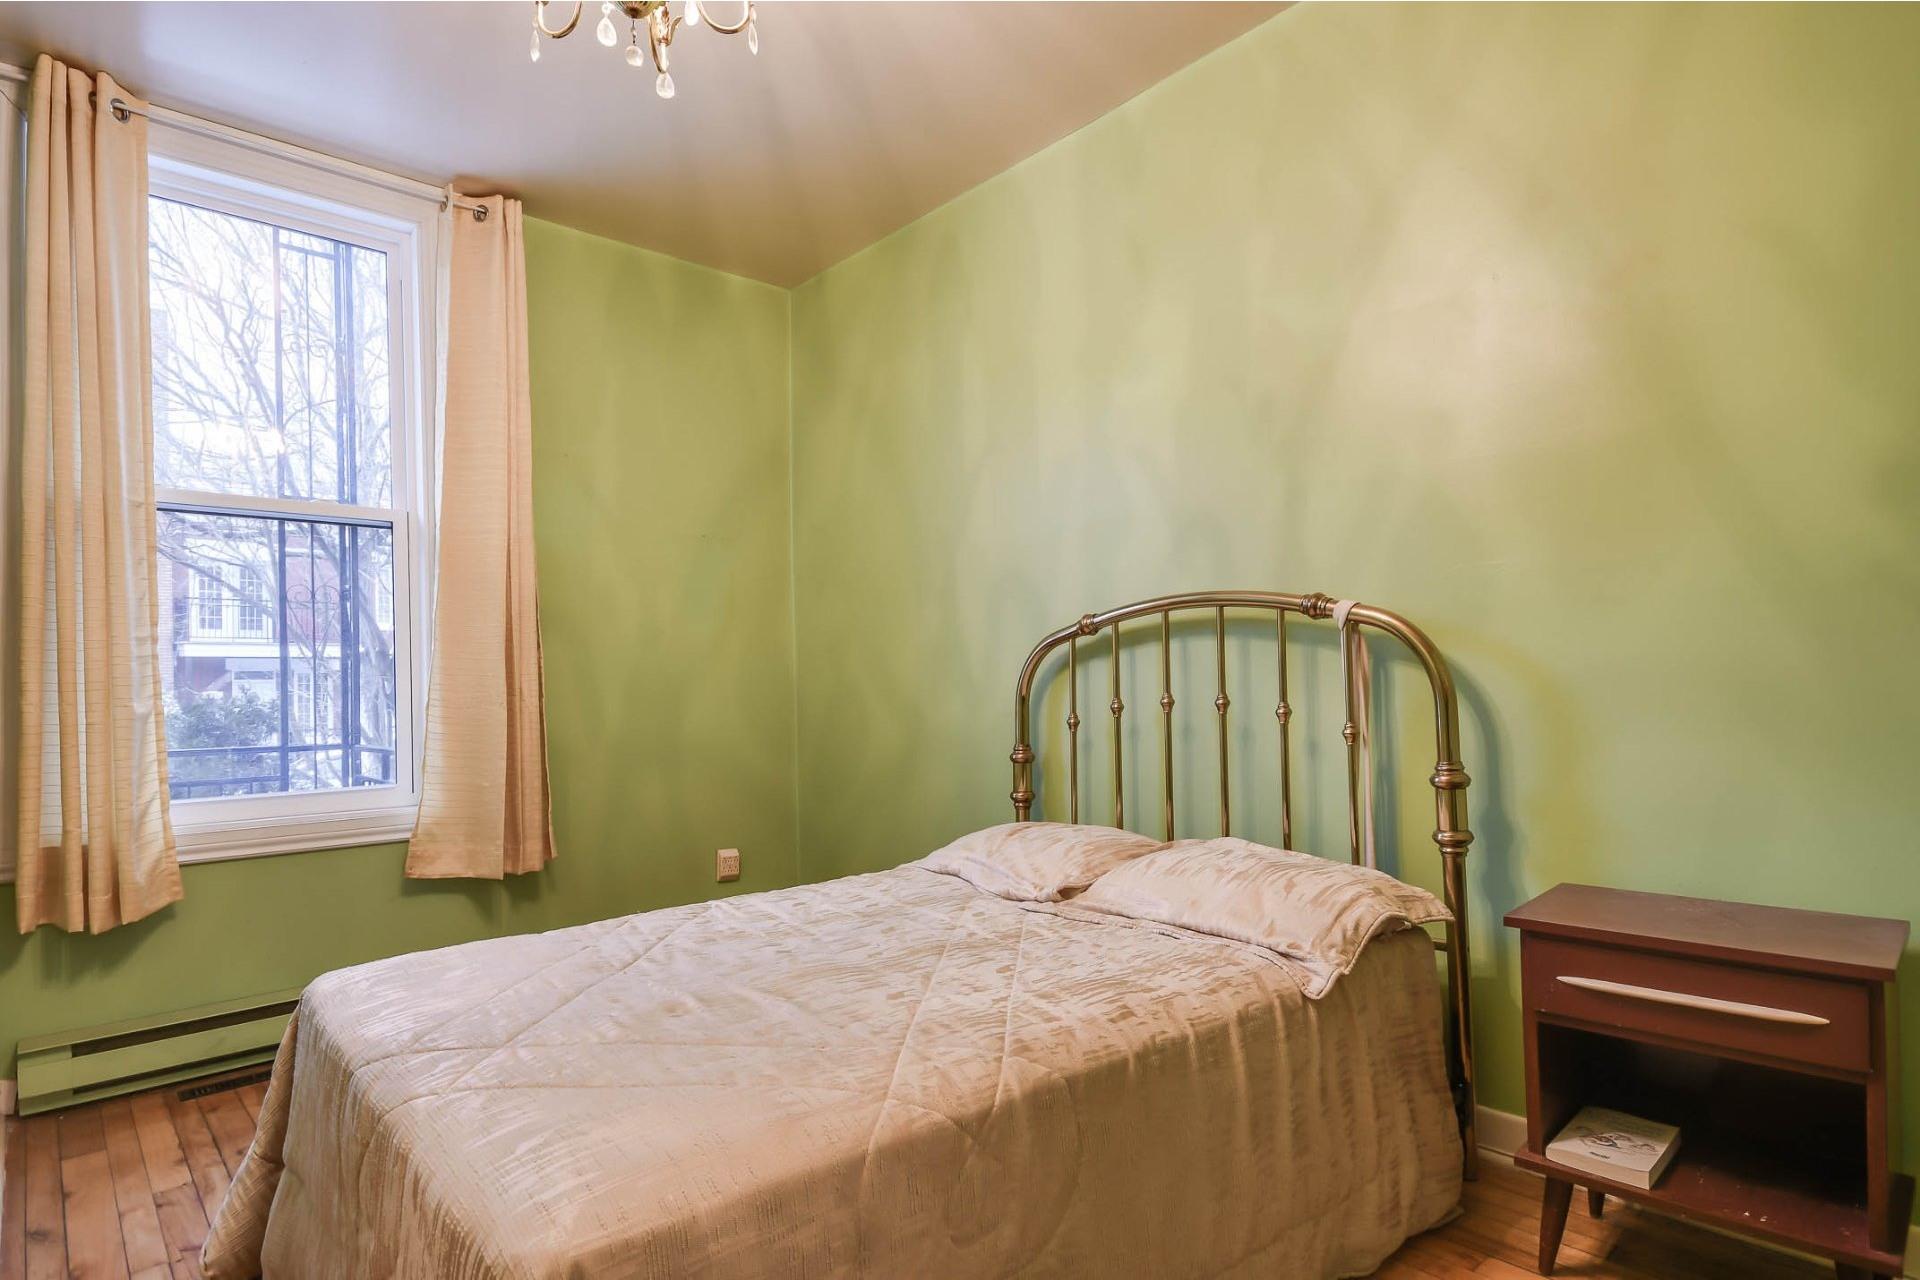 image 12 - Duplex À vendre Rosemont/La Petite-Patrie Montréal  - 5 pièces